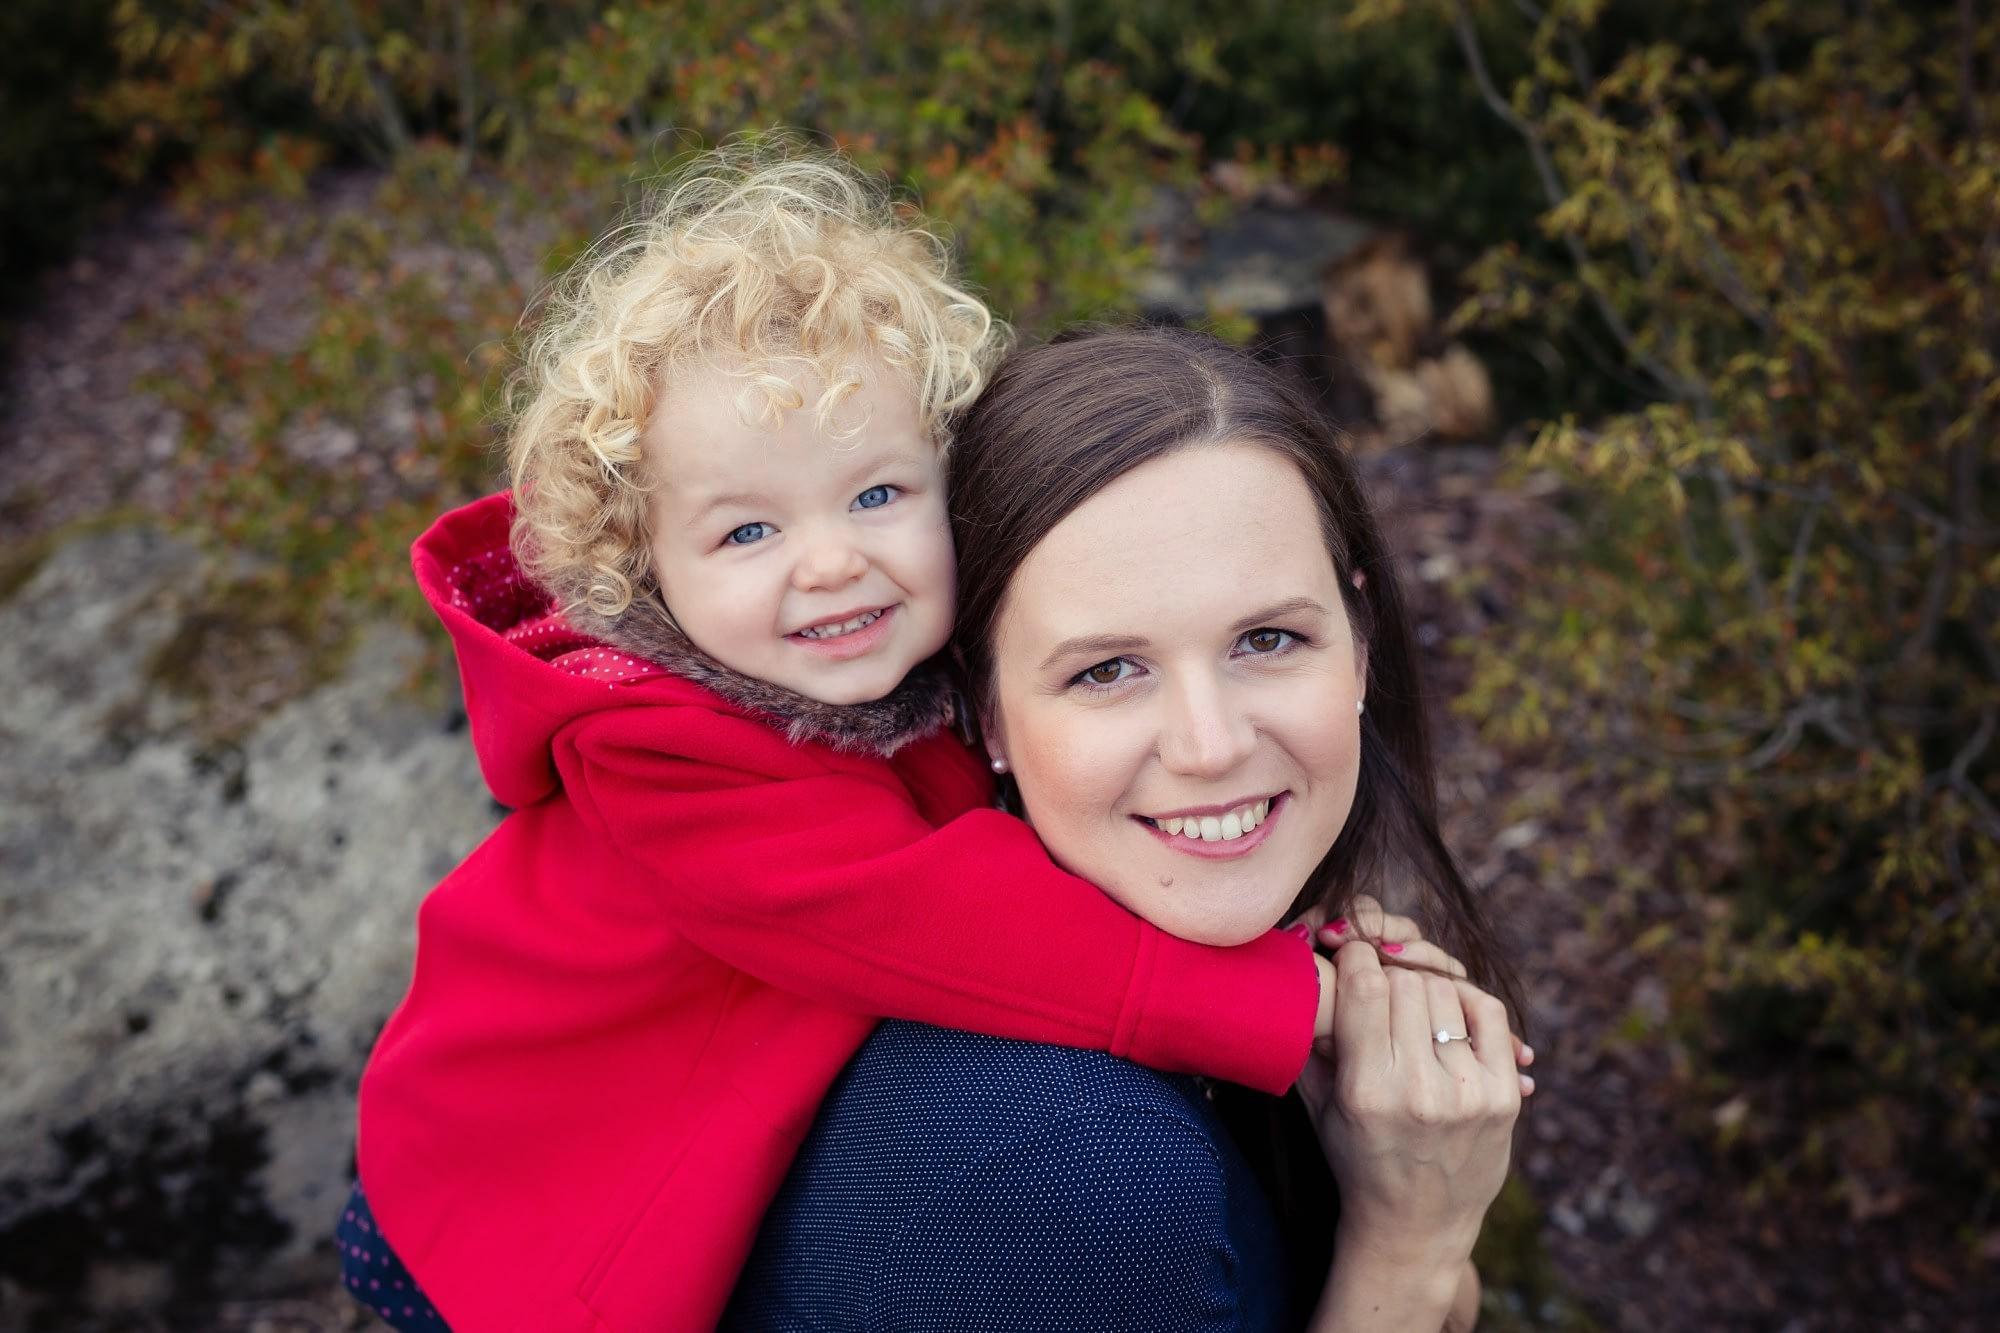 Krásná těhulka s dcerou se fotí v přírodě